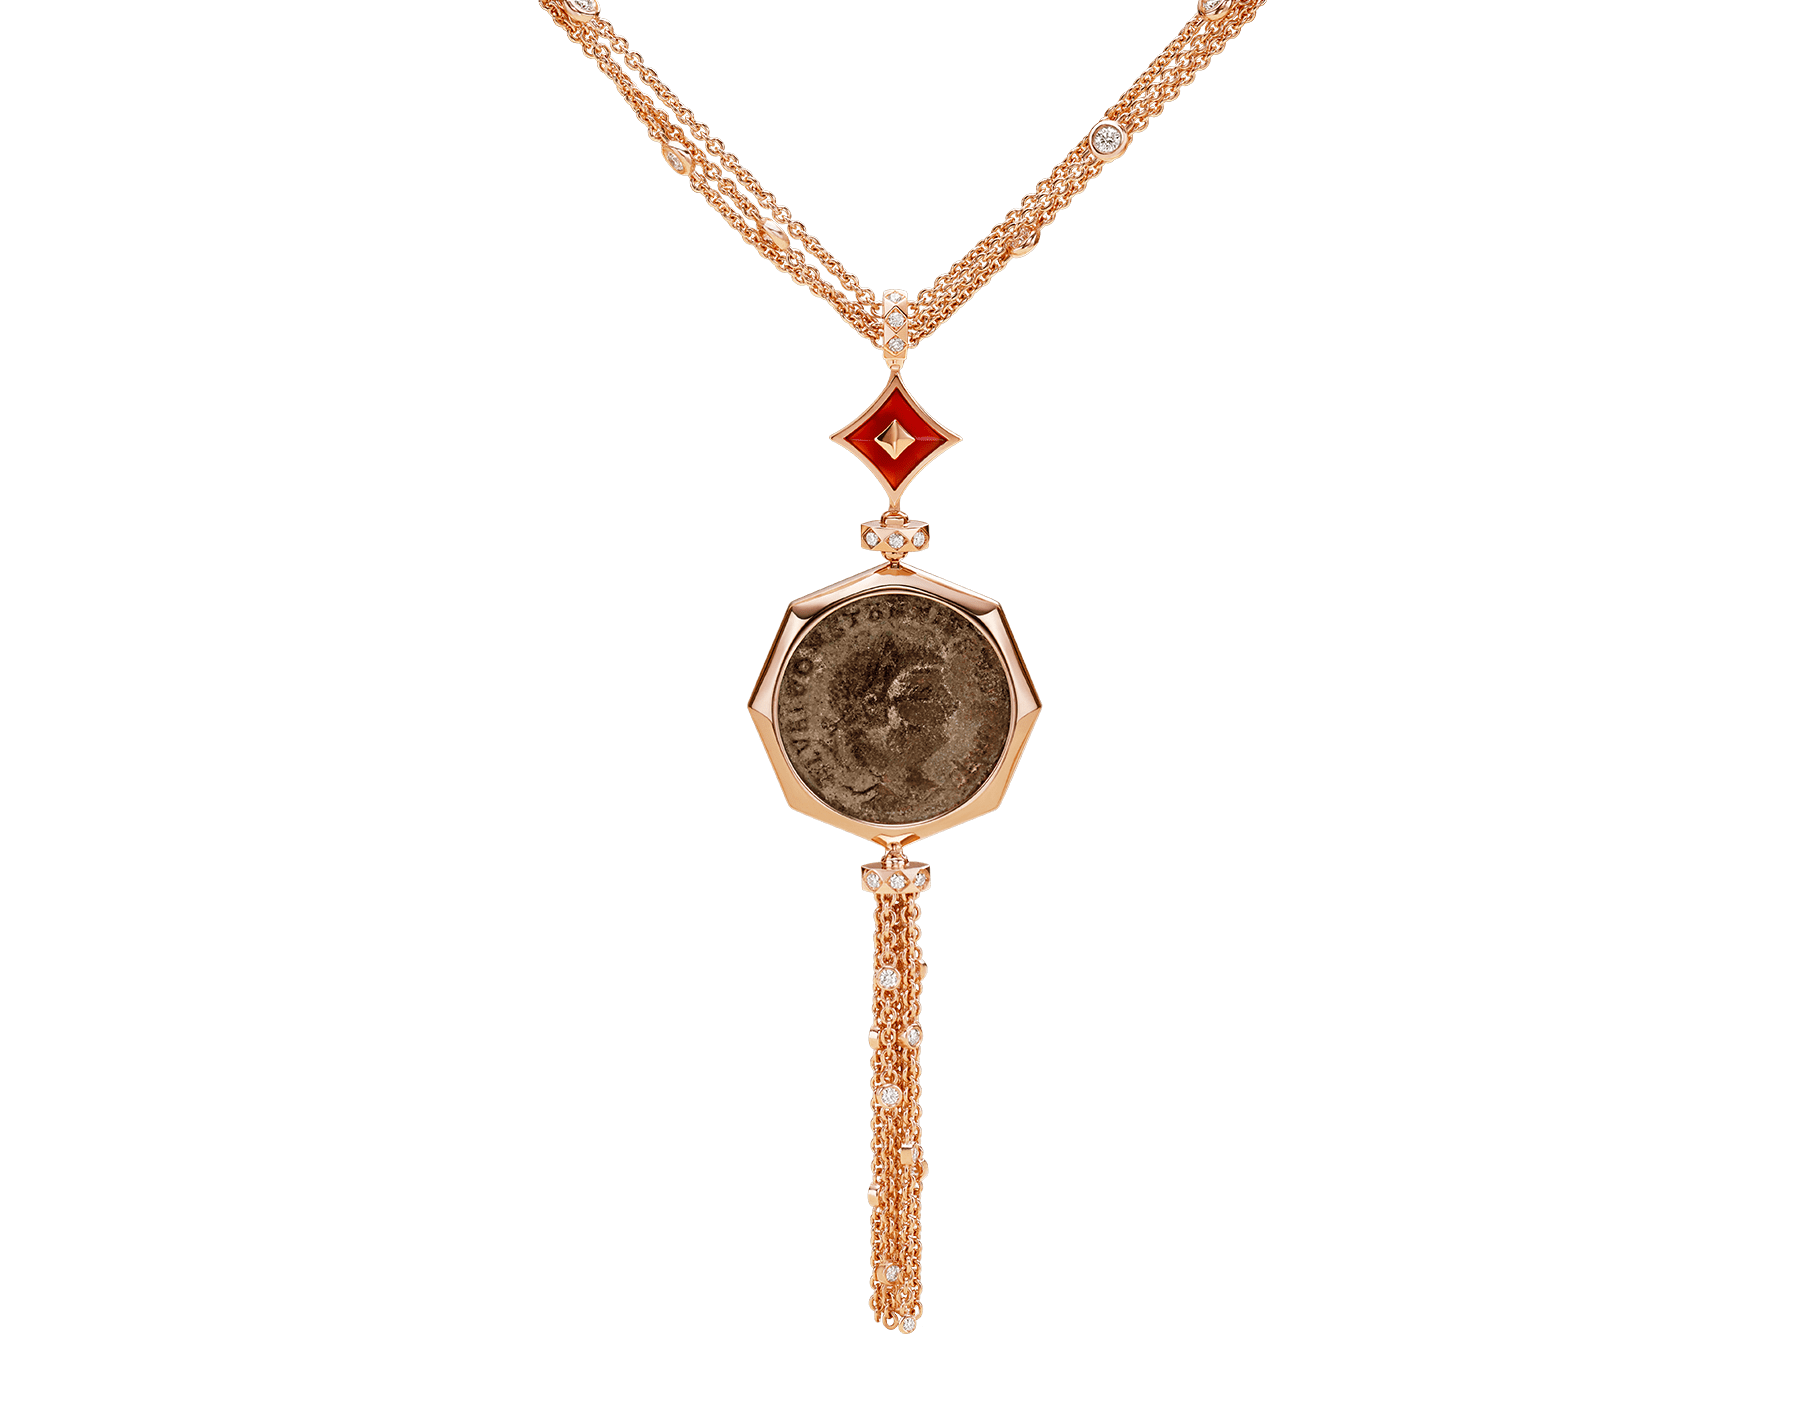 Collana Monete in oro rosa 18 kt con moneta antica, elementi in corniola e pavé di diamanti. 355979 image 1